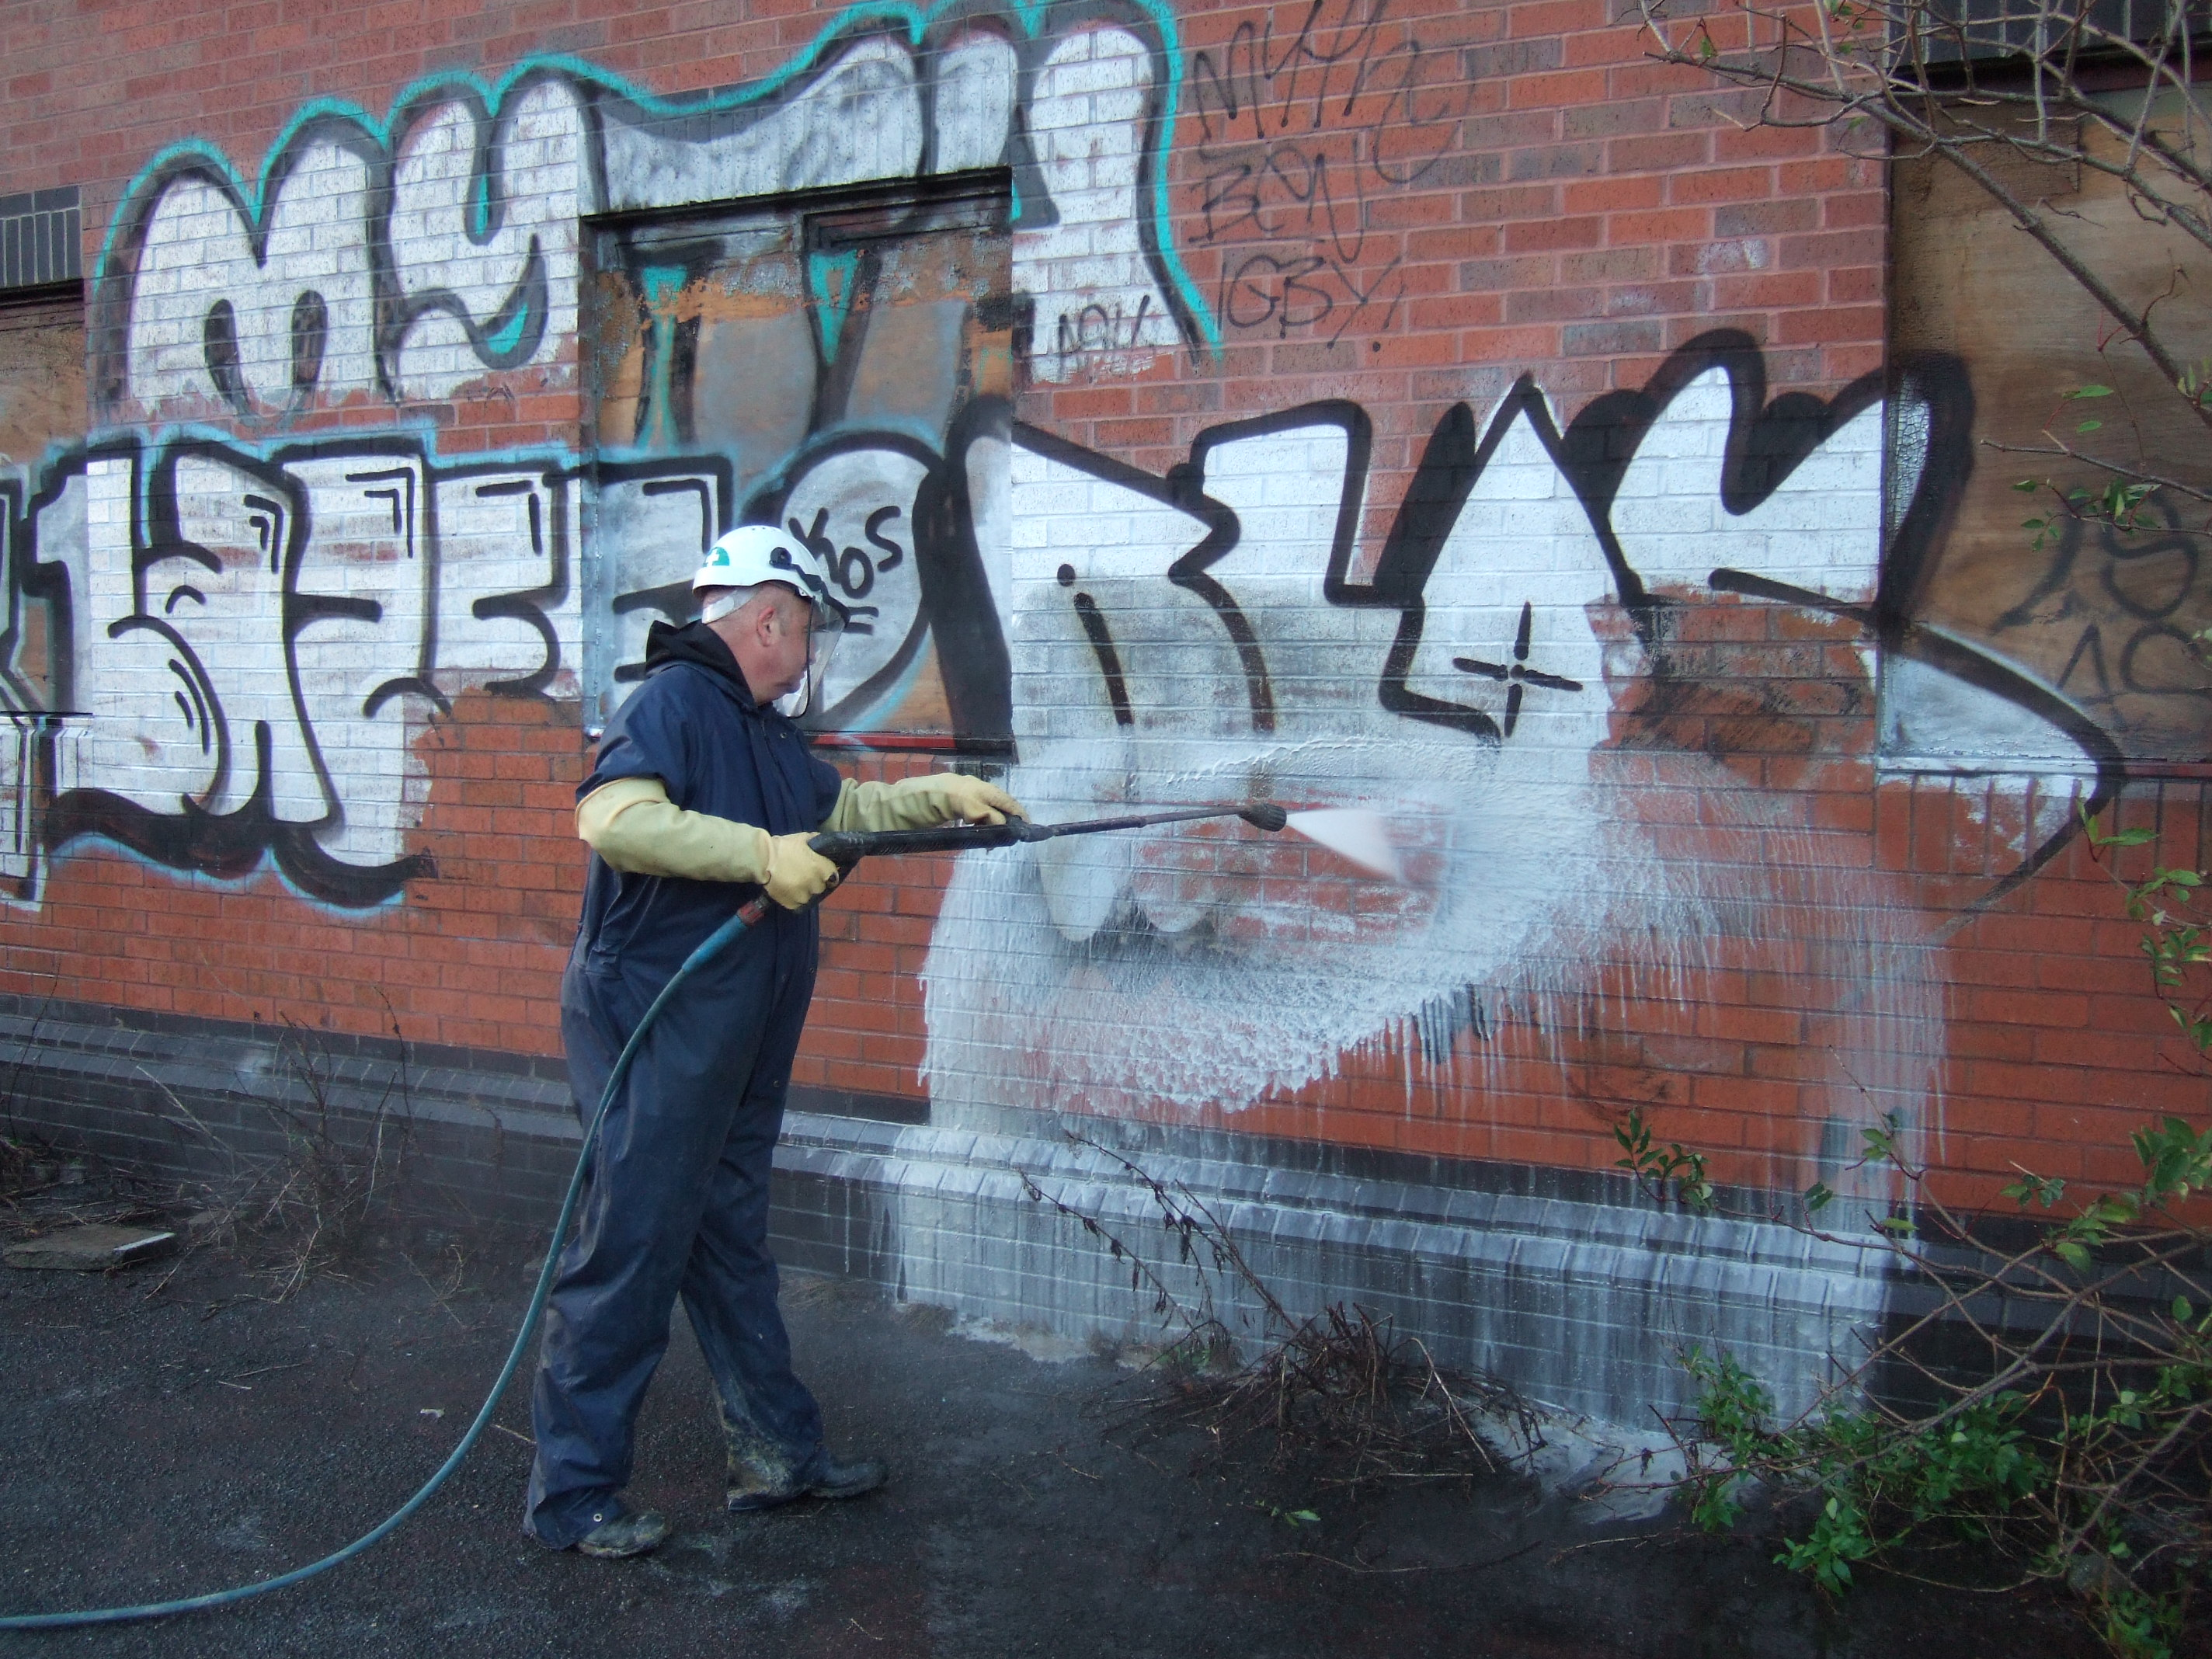 Graffiti Removal Graffiti Removal Company Graffiti